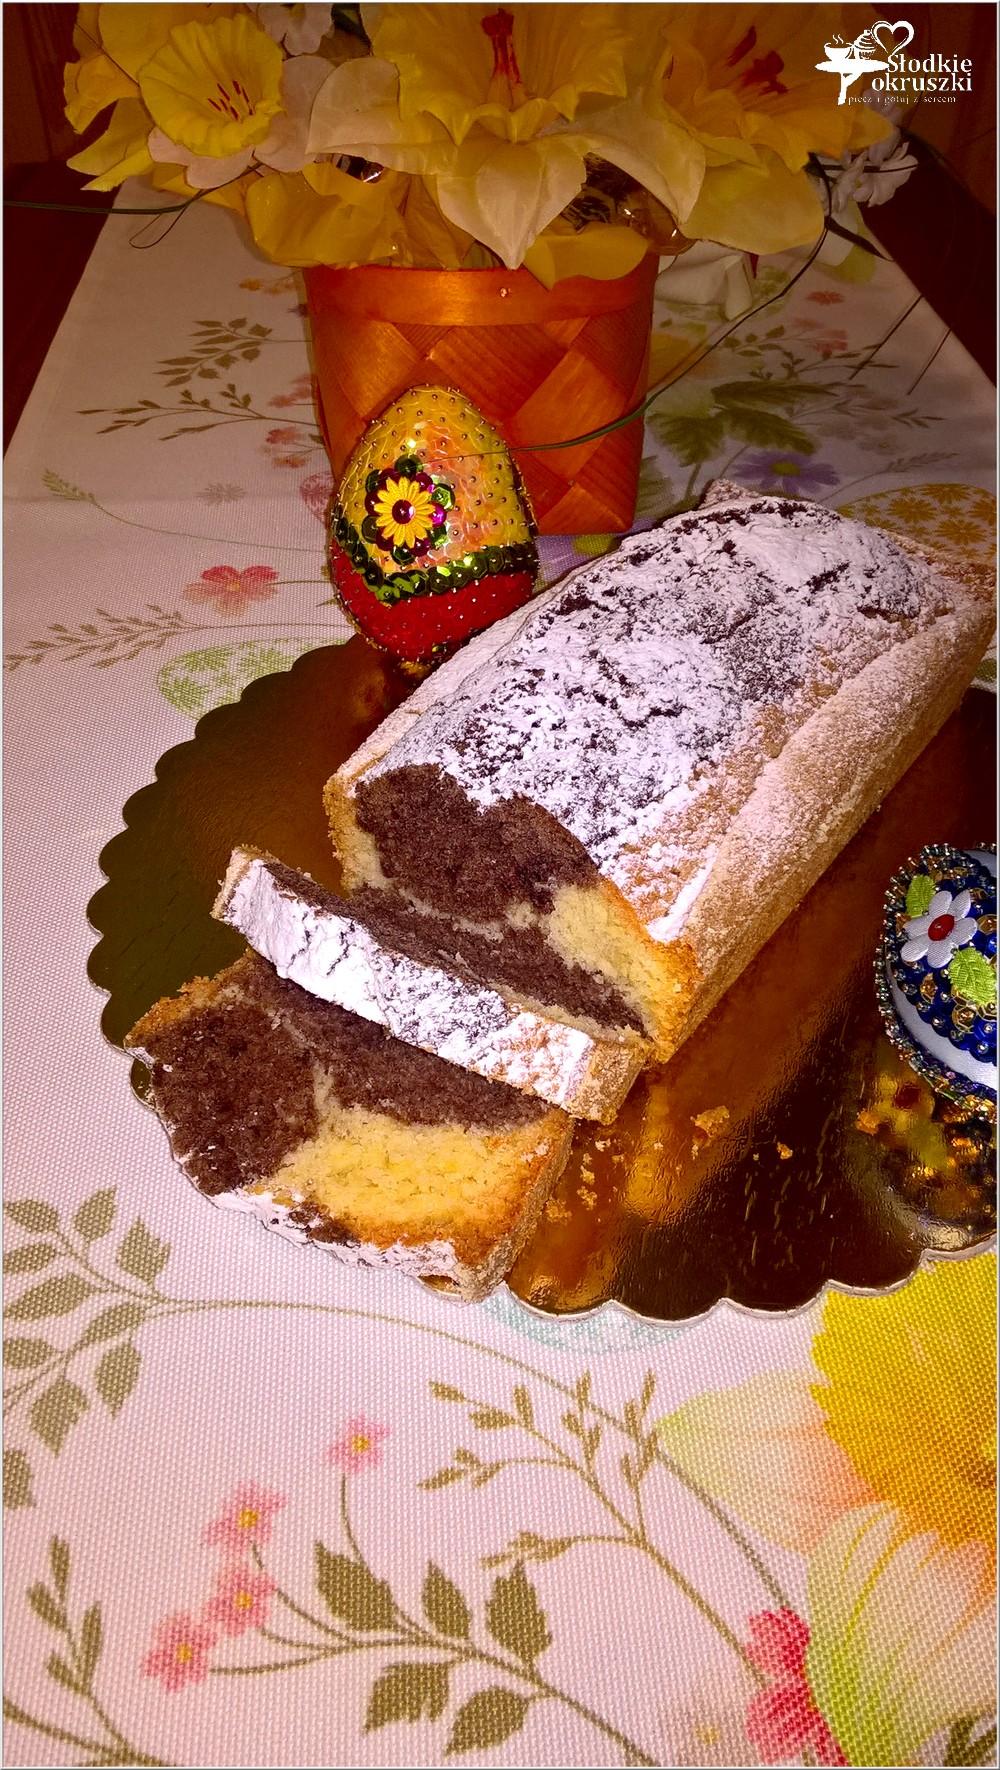 Szybka babka waniliowo-kakaowa na świąteczny stół (5)